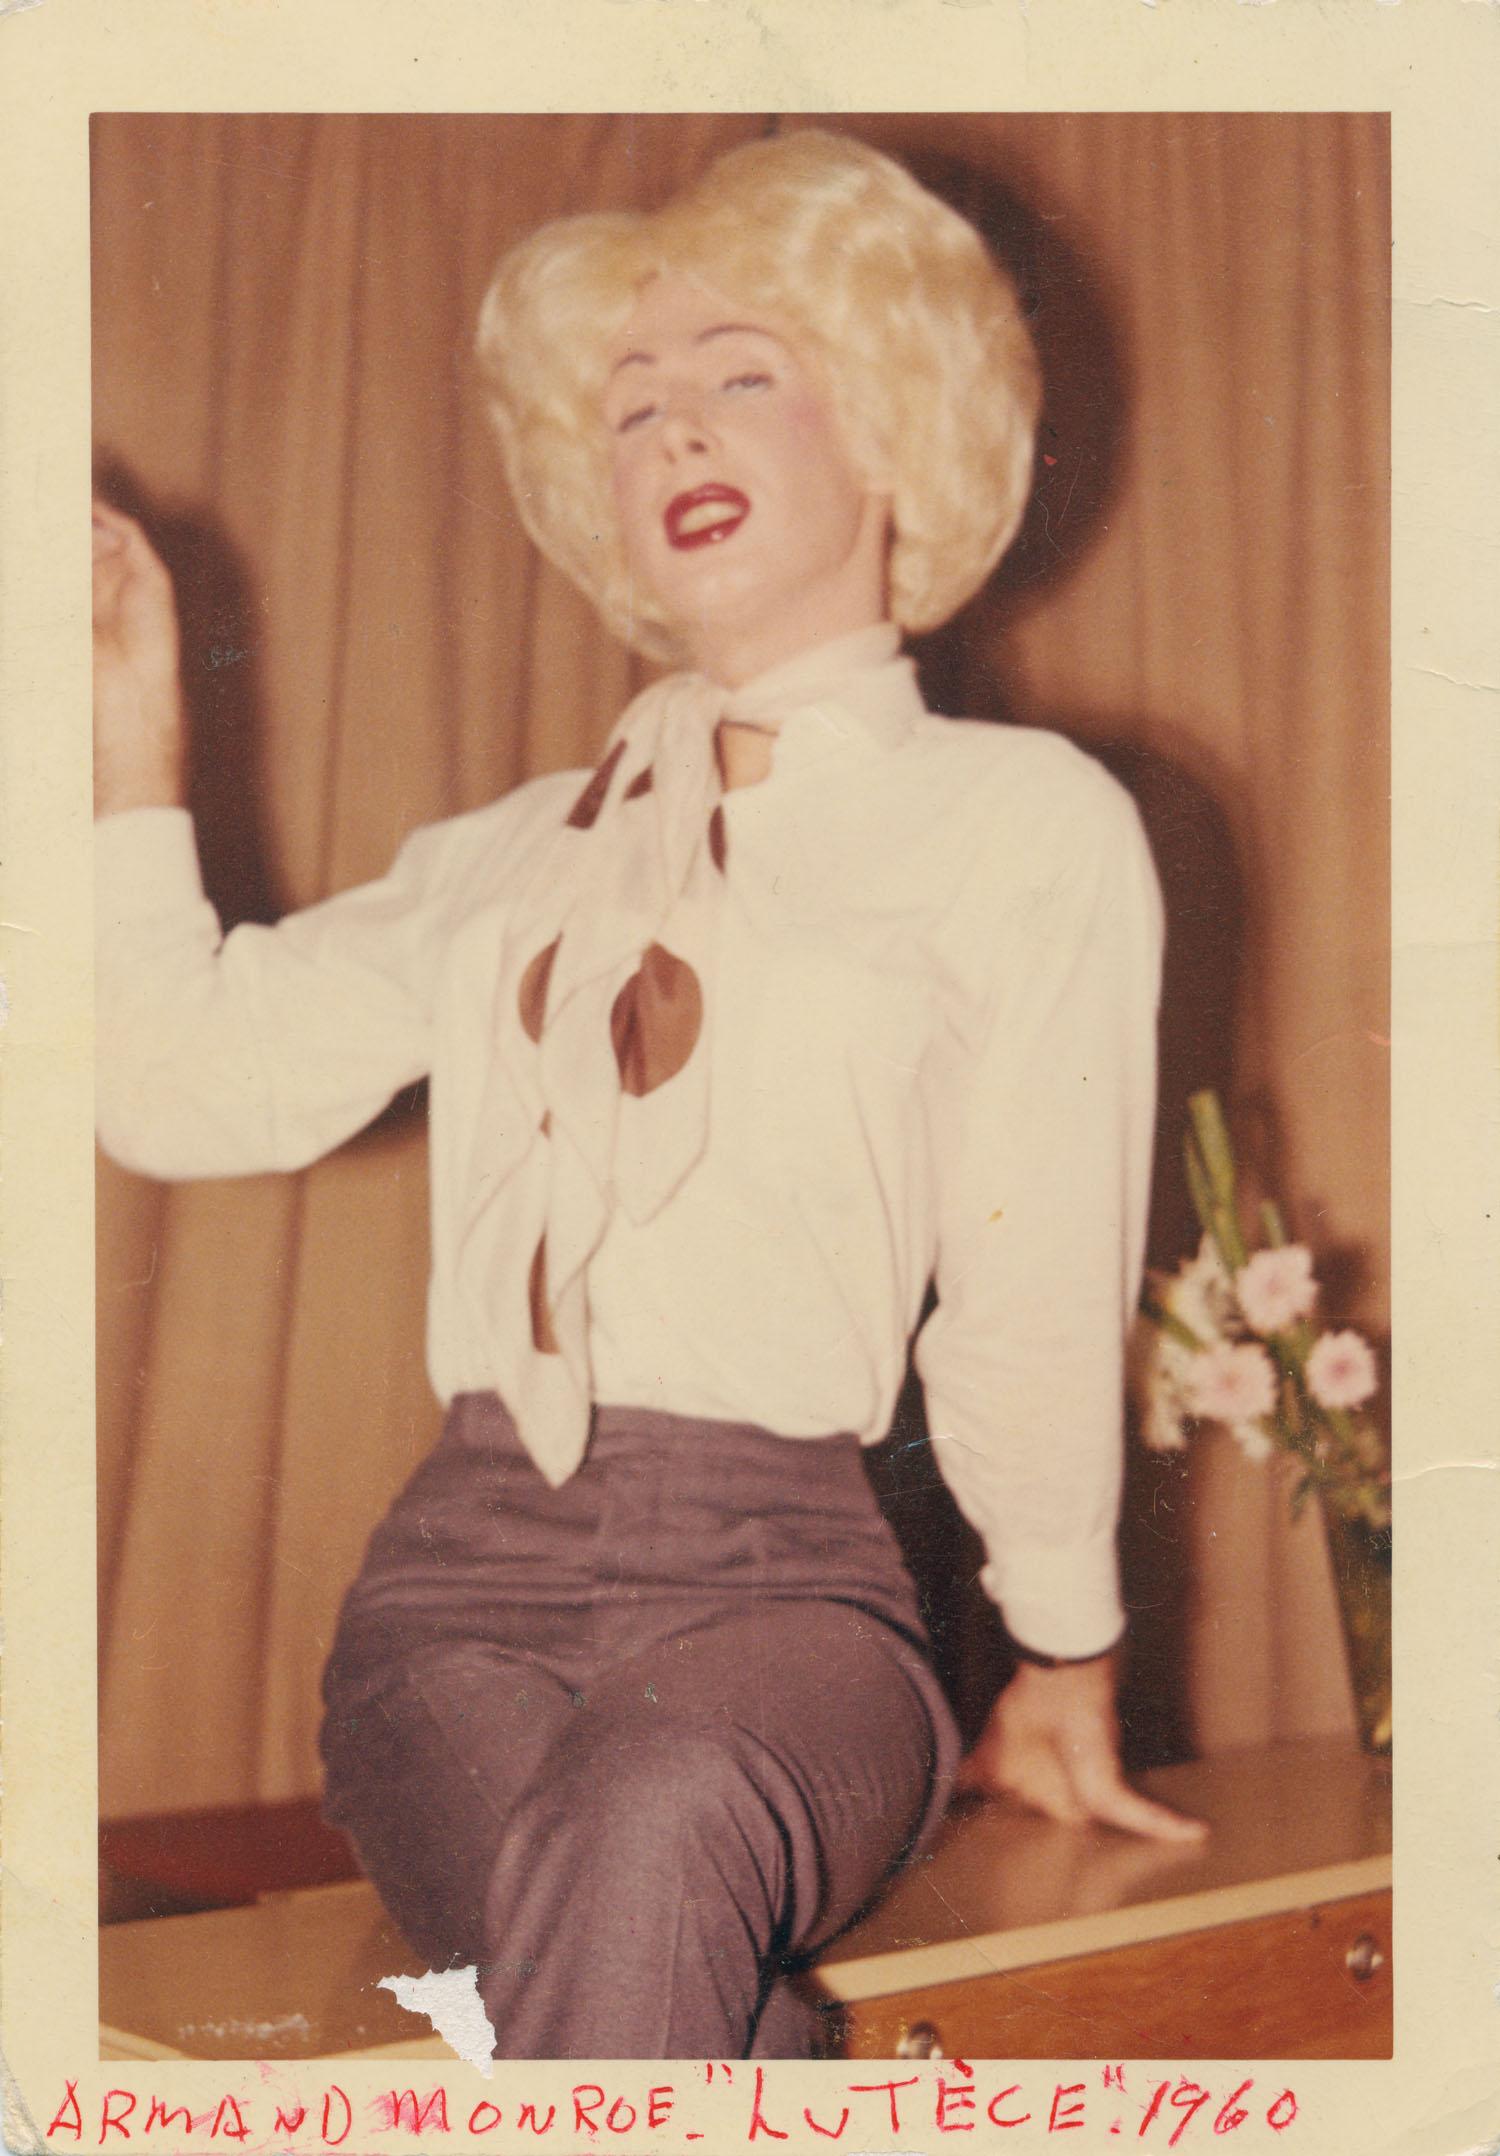 Un homme vêtu en femme arbore une perruque blonde. Il est assis sur un bureau et porte un pantalon bleu et une blouse blanche avec un foulard à gros poids.